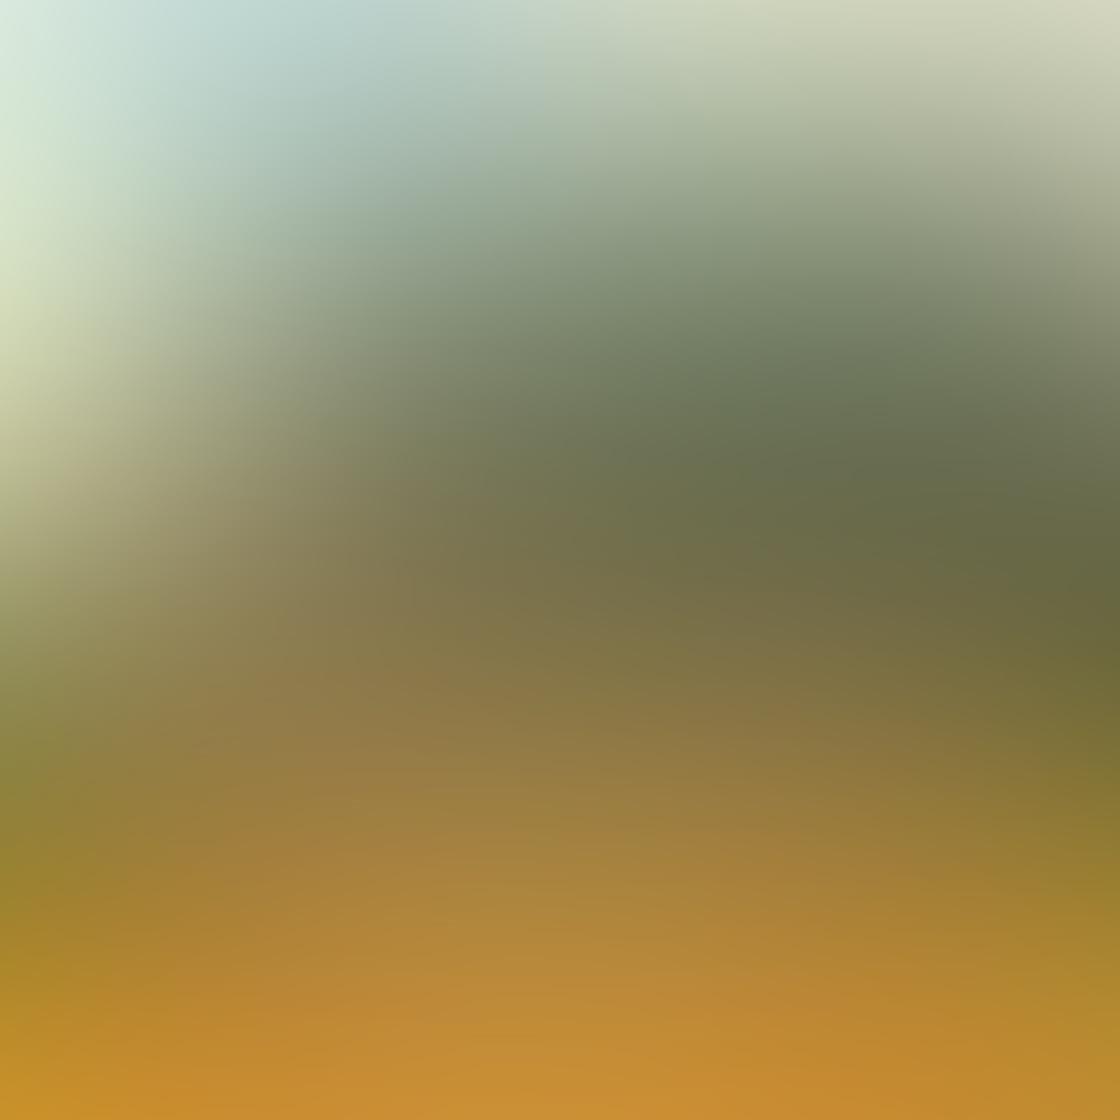 iPhone Tree Photo 8